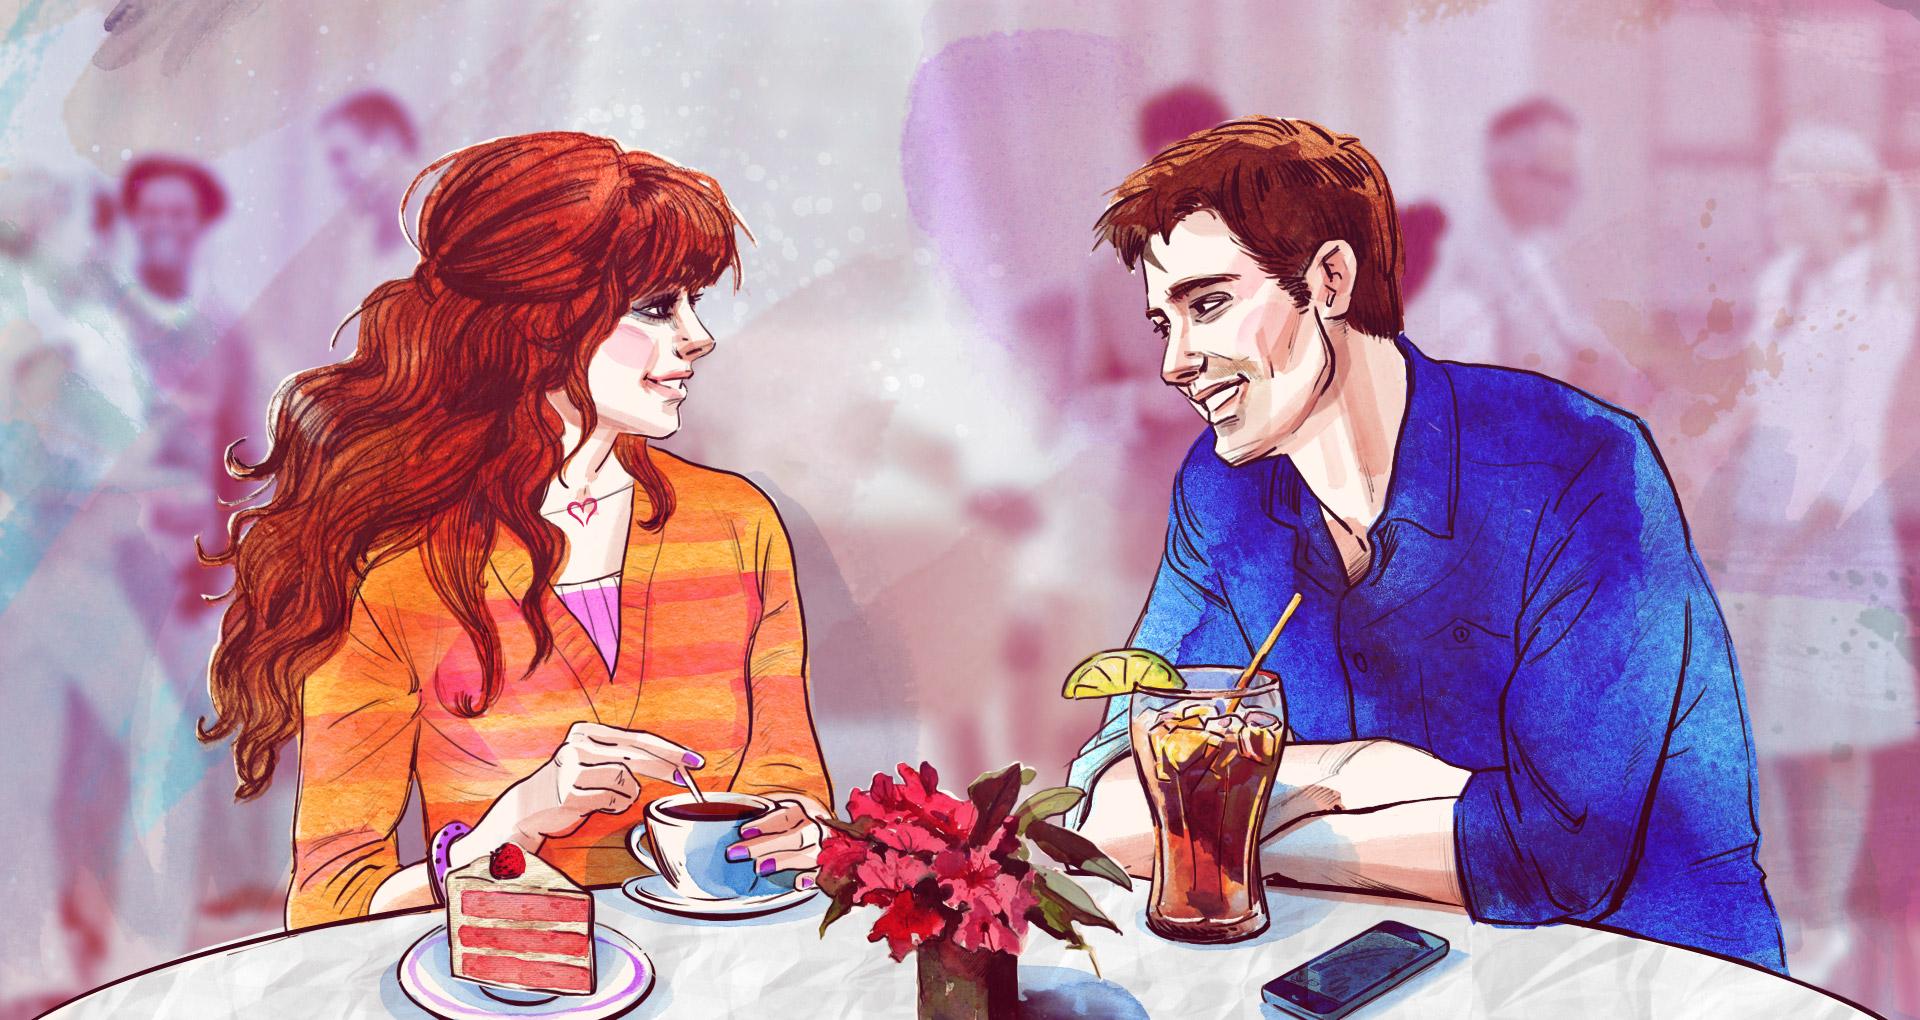 Kostenlos flirten - Was bist Du? Engelchen oder Teufelchen? - elFlirt ...